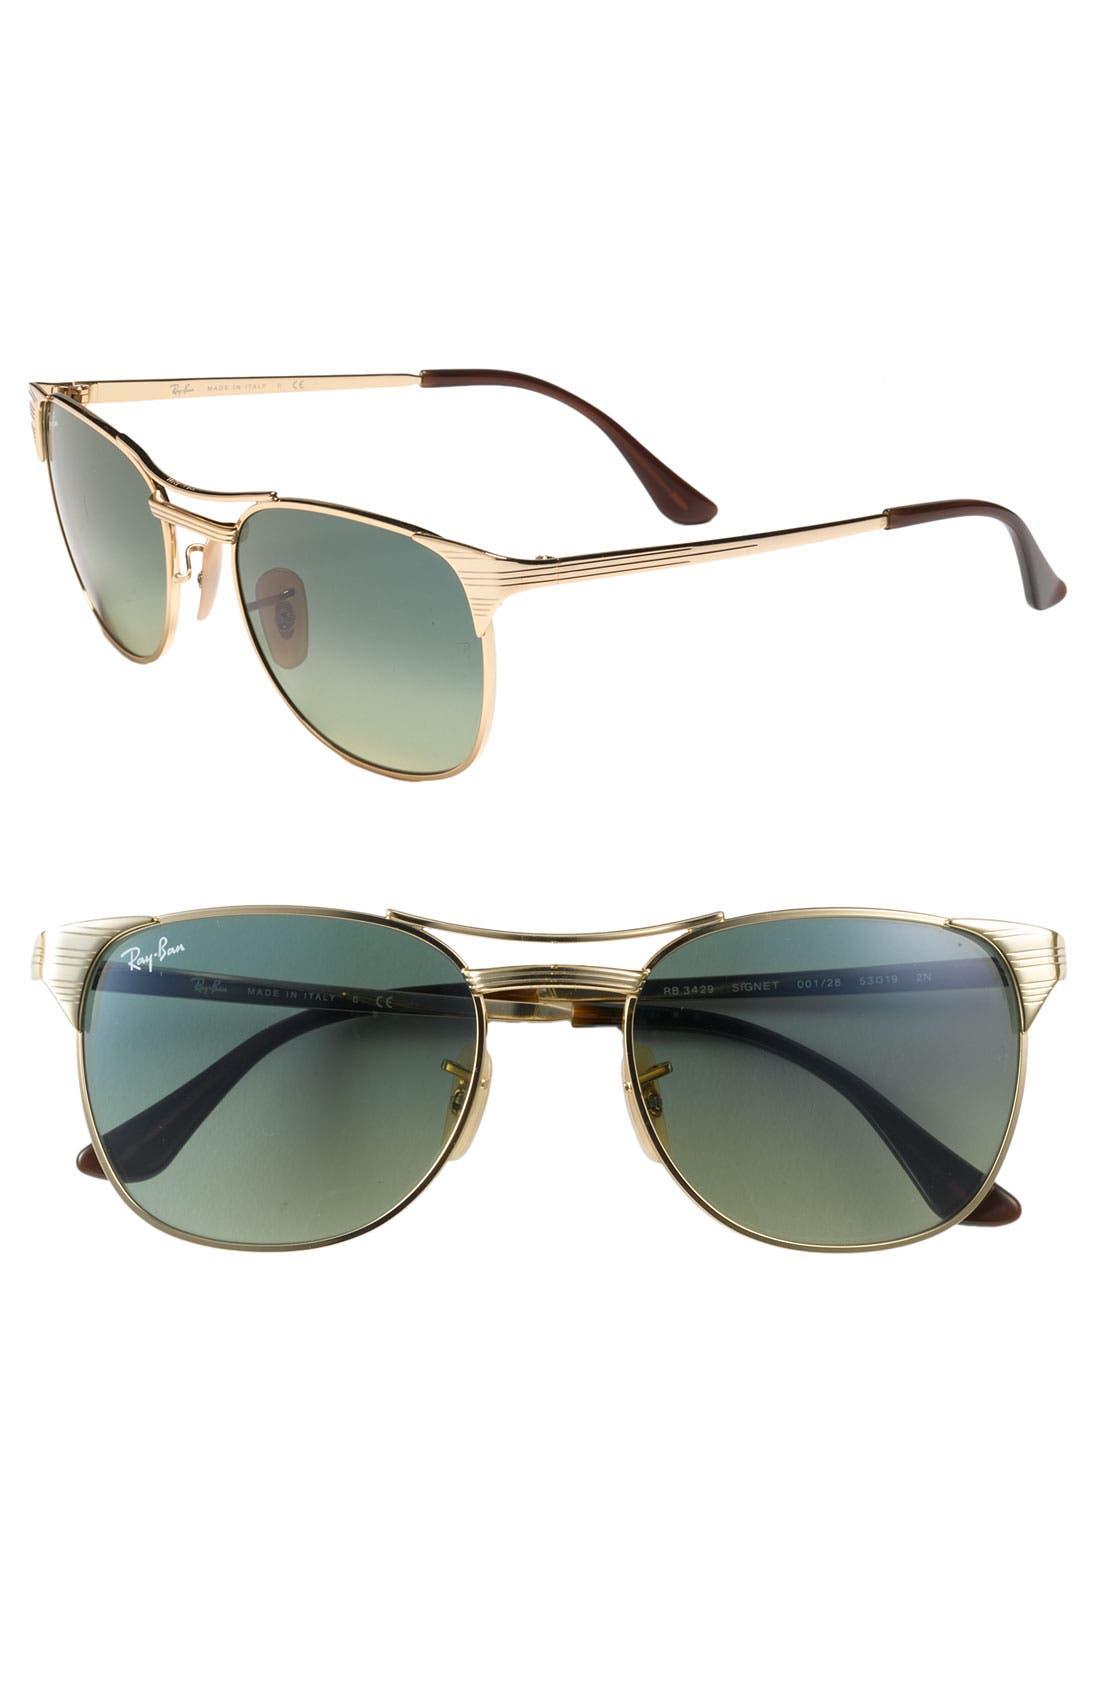 Alternate Image 1 Selected - Ray-Ban Metal Cat's Eye Aviator Sunglasses